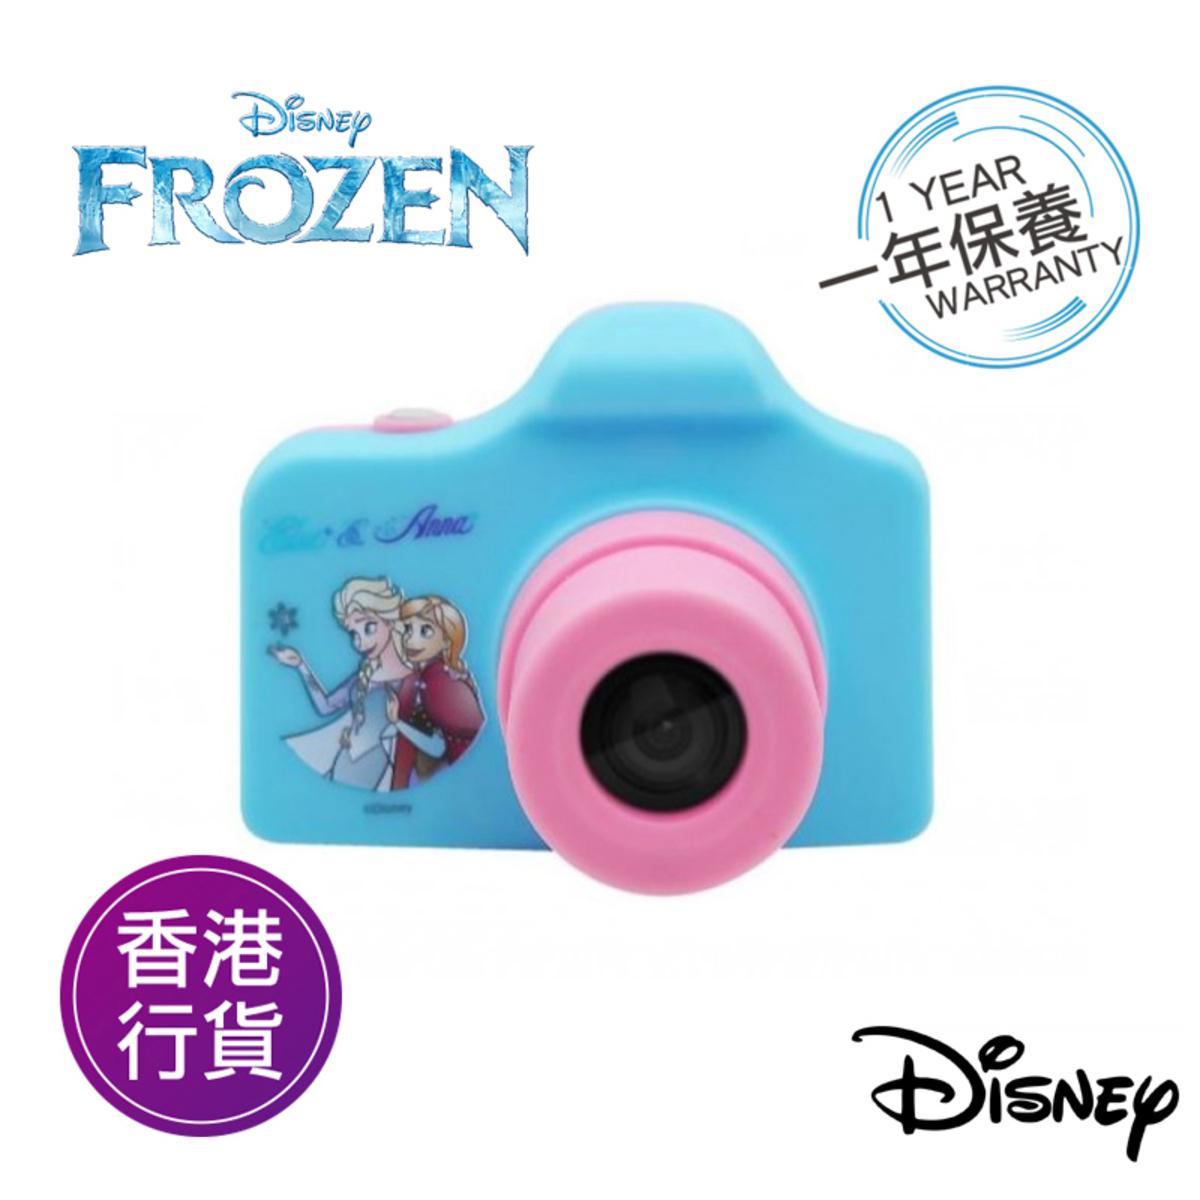 Mini Digital Camera Frozen One Year Warranty